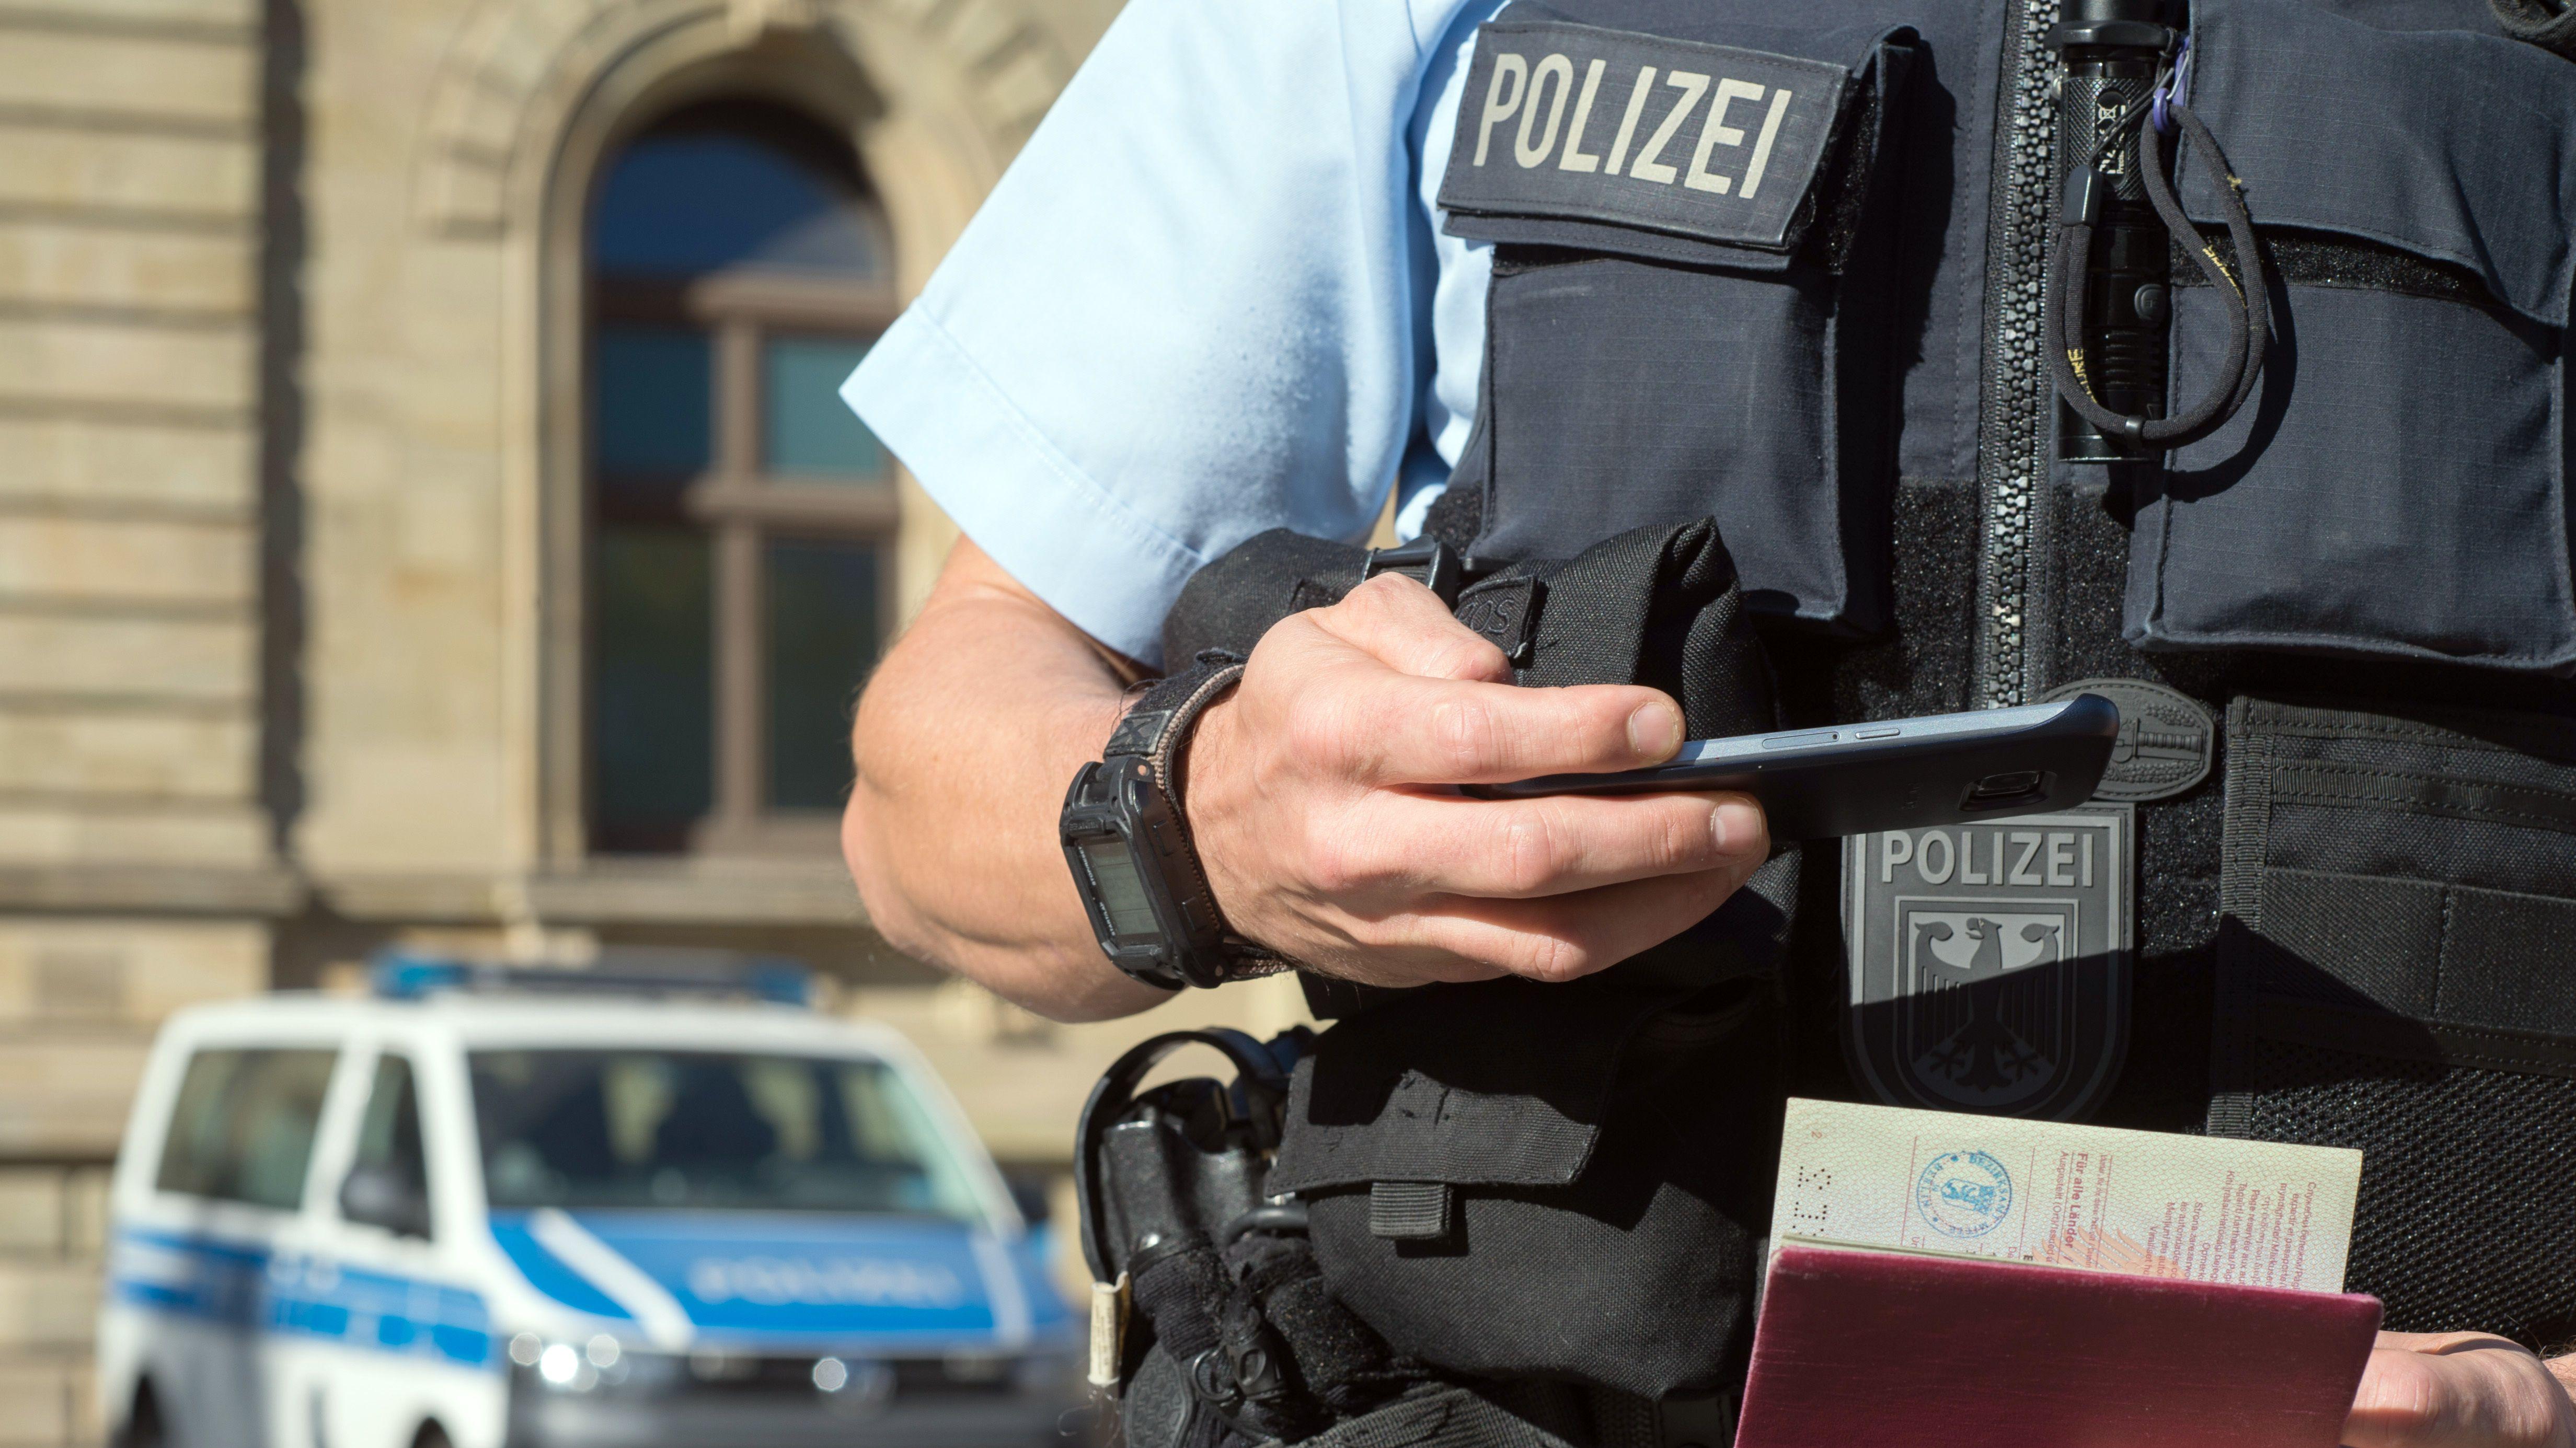 Einbrecherbande: Polizei schnappt acht Tatverdächtige